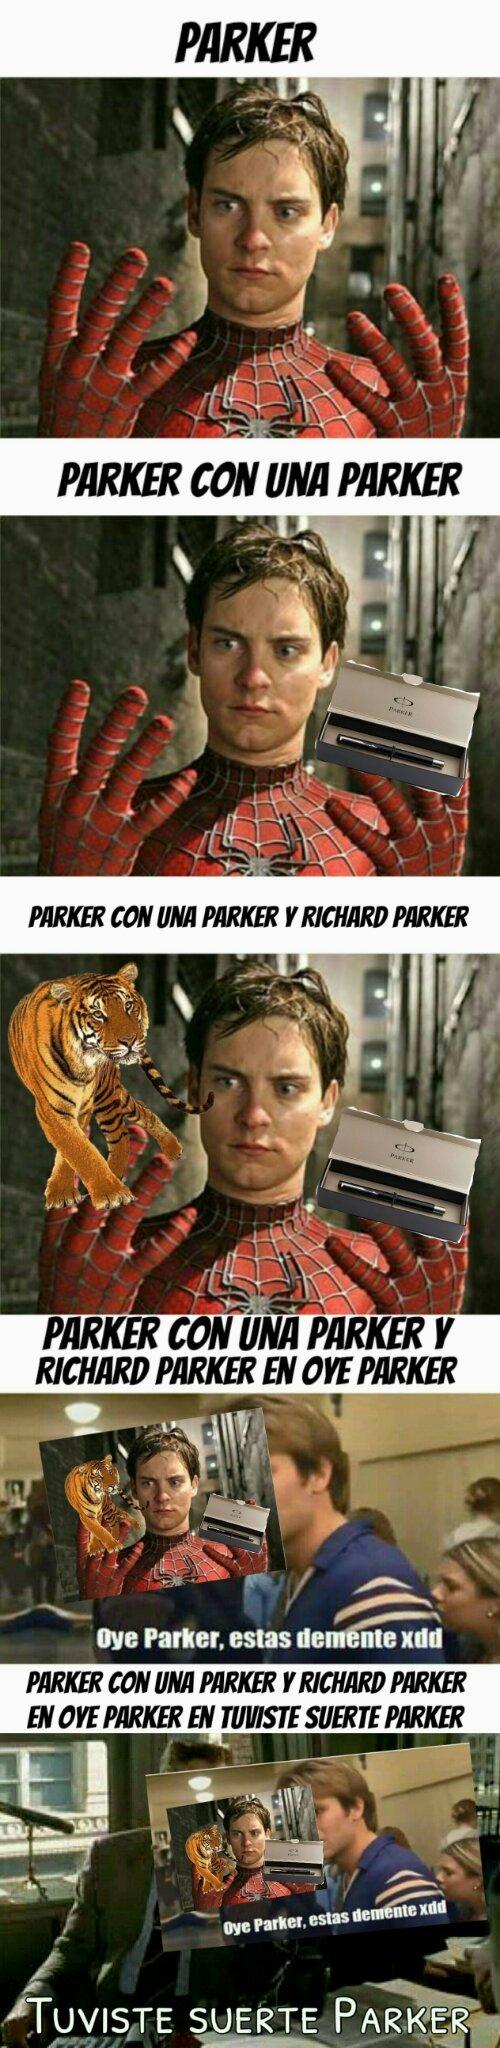 Donde estan las fotos Parker! - meme